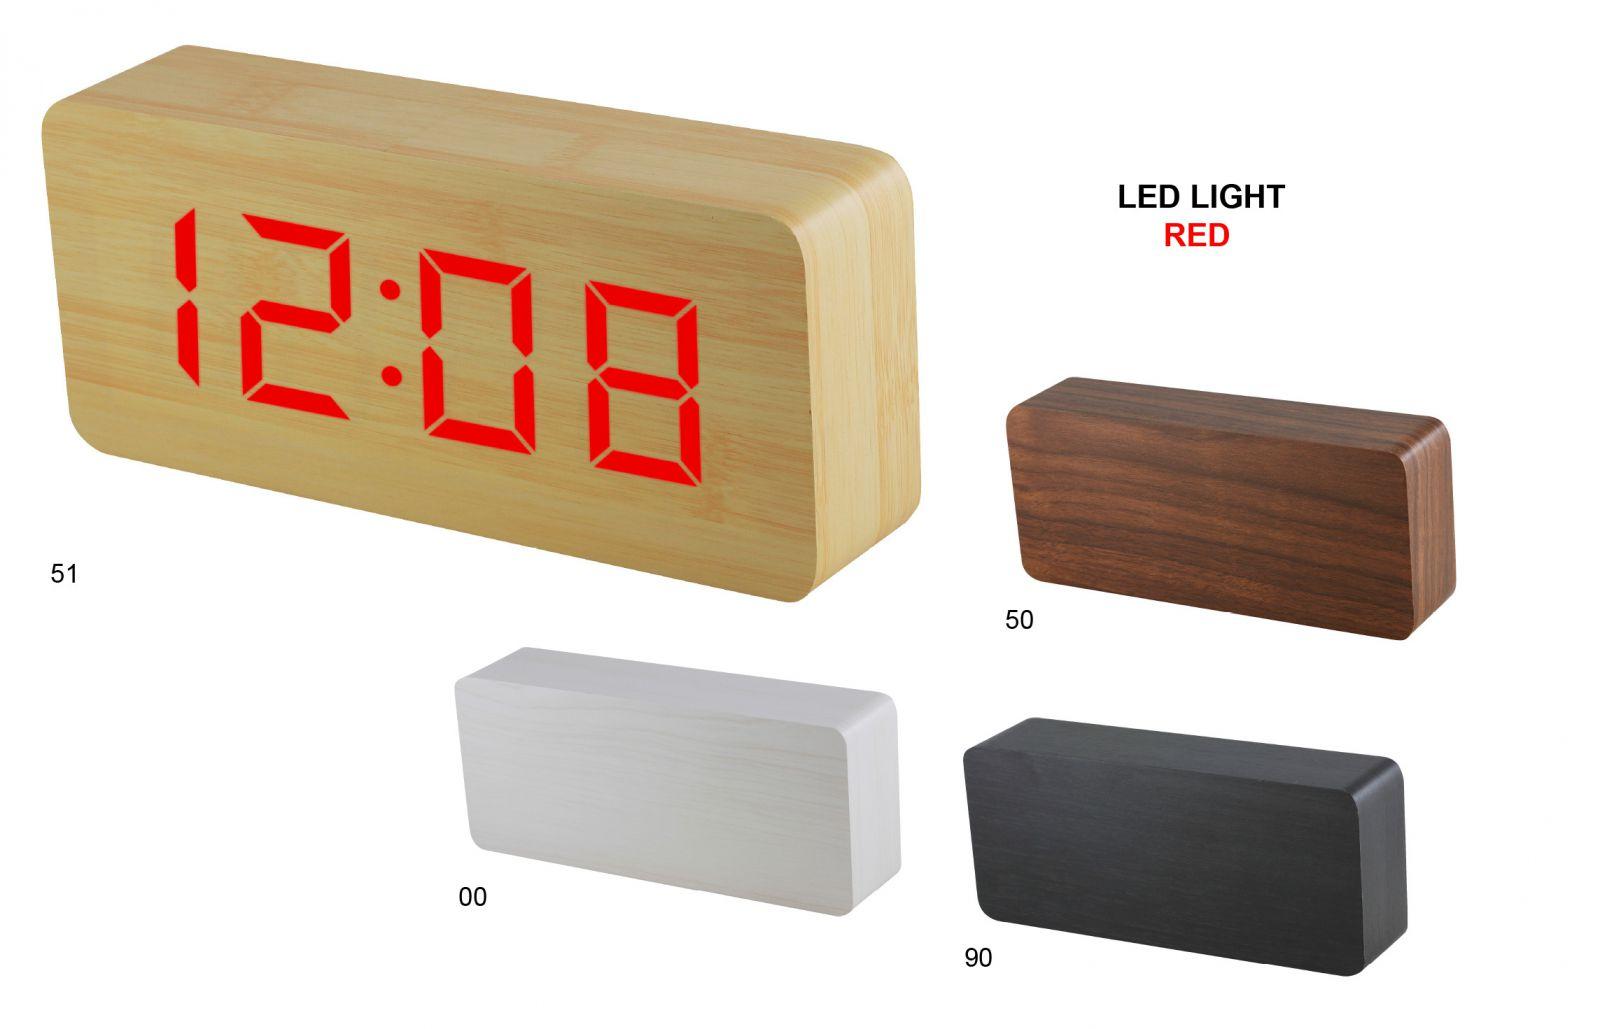 Retro digitální LED budík s datem a teploměrem 00 - bílá